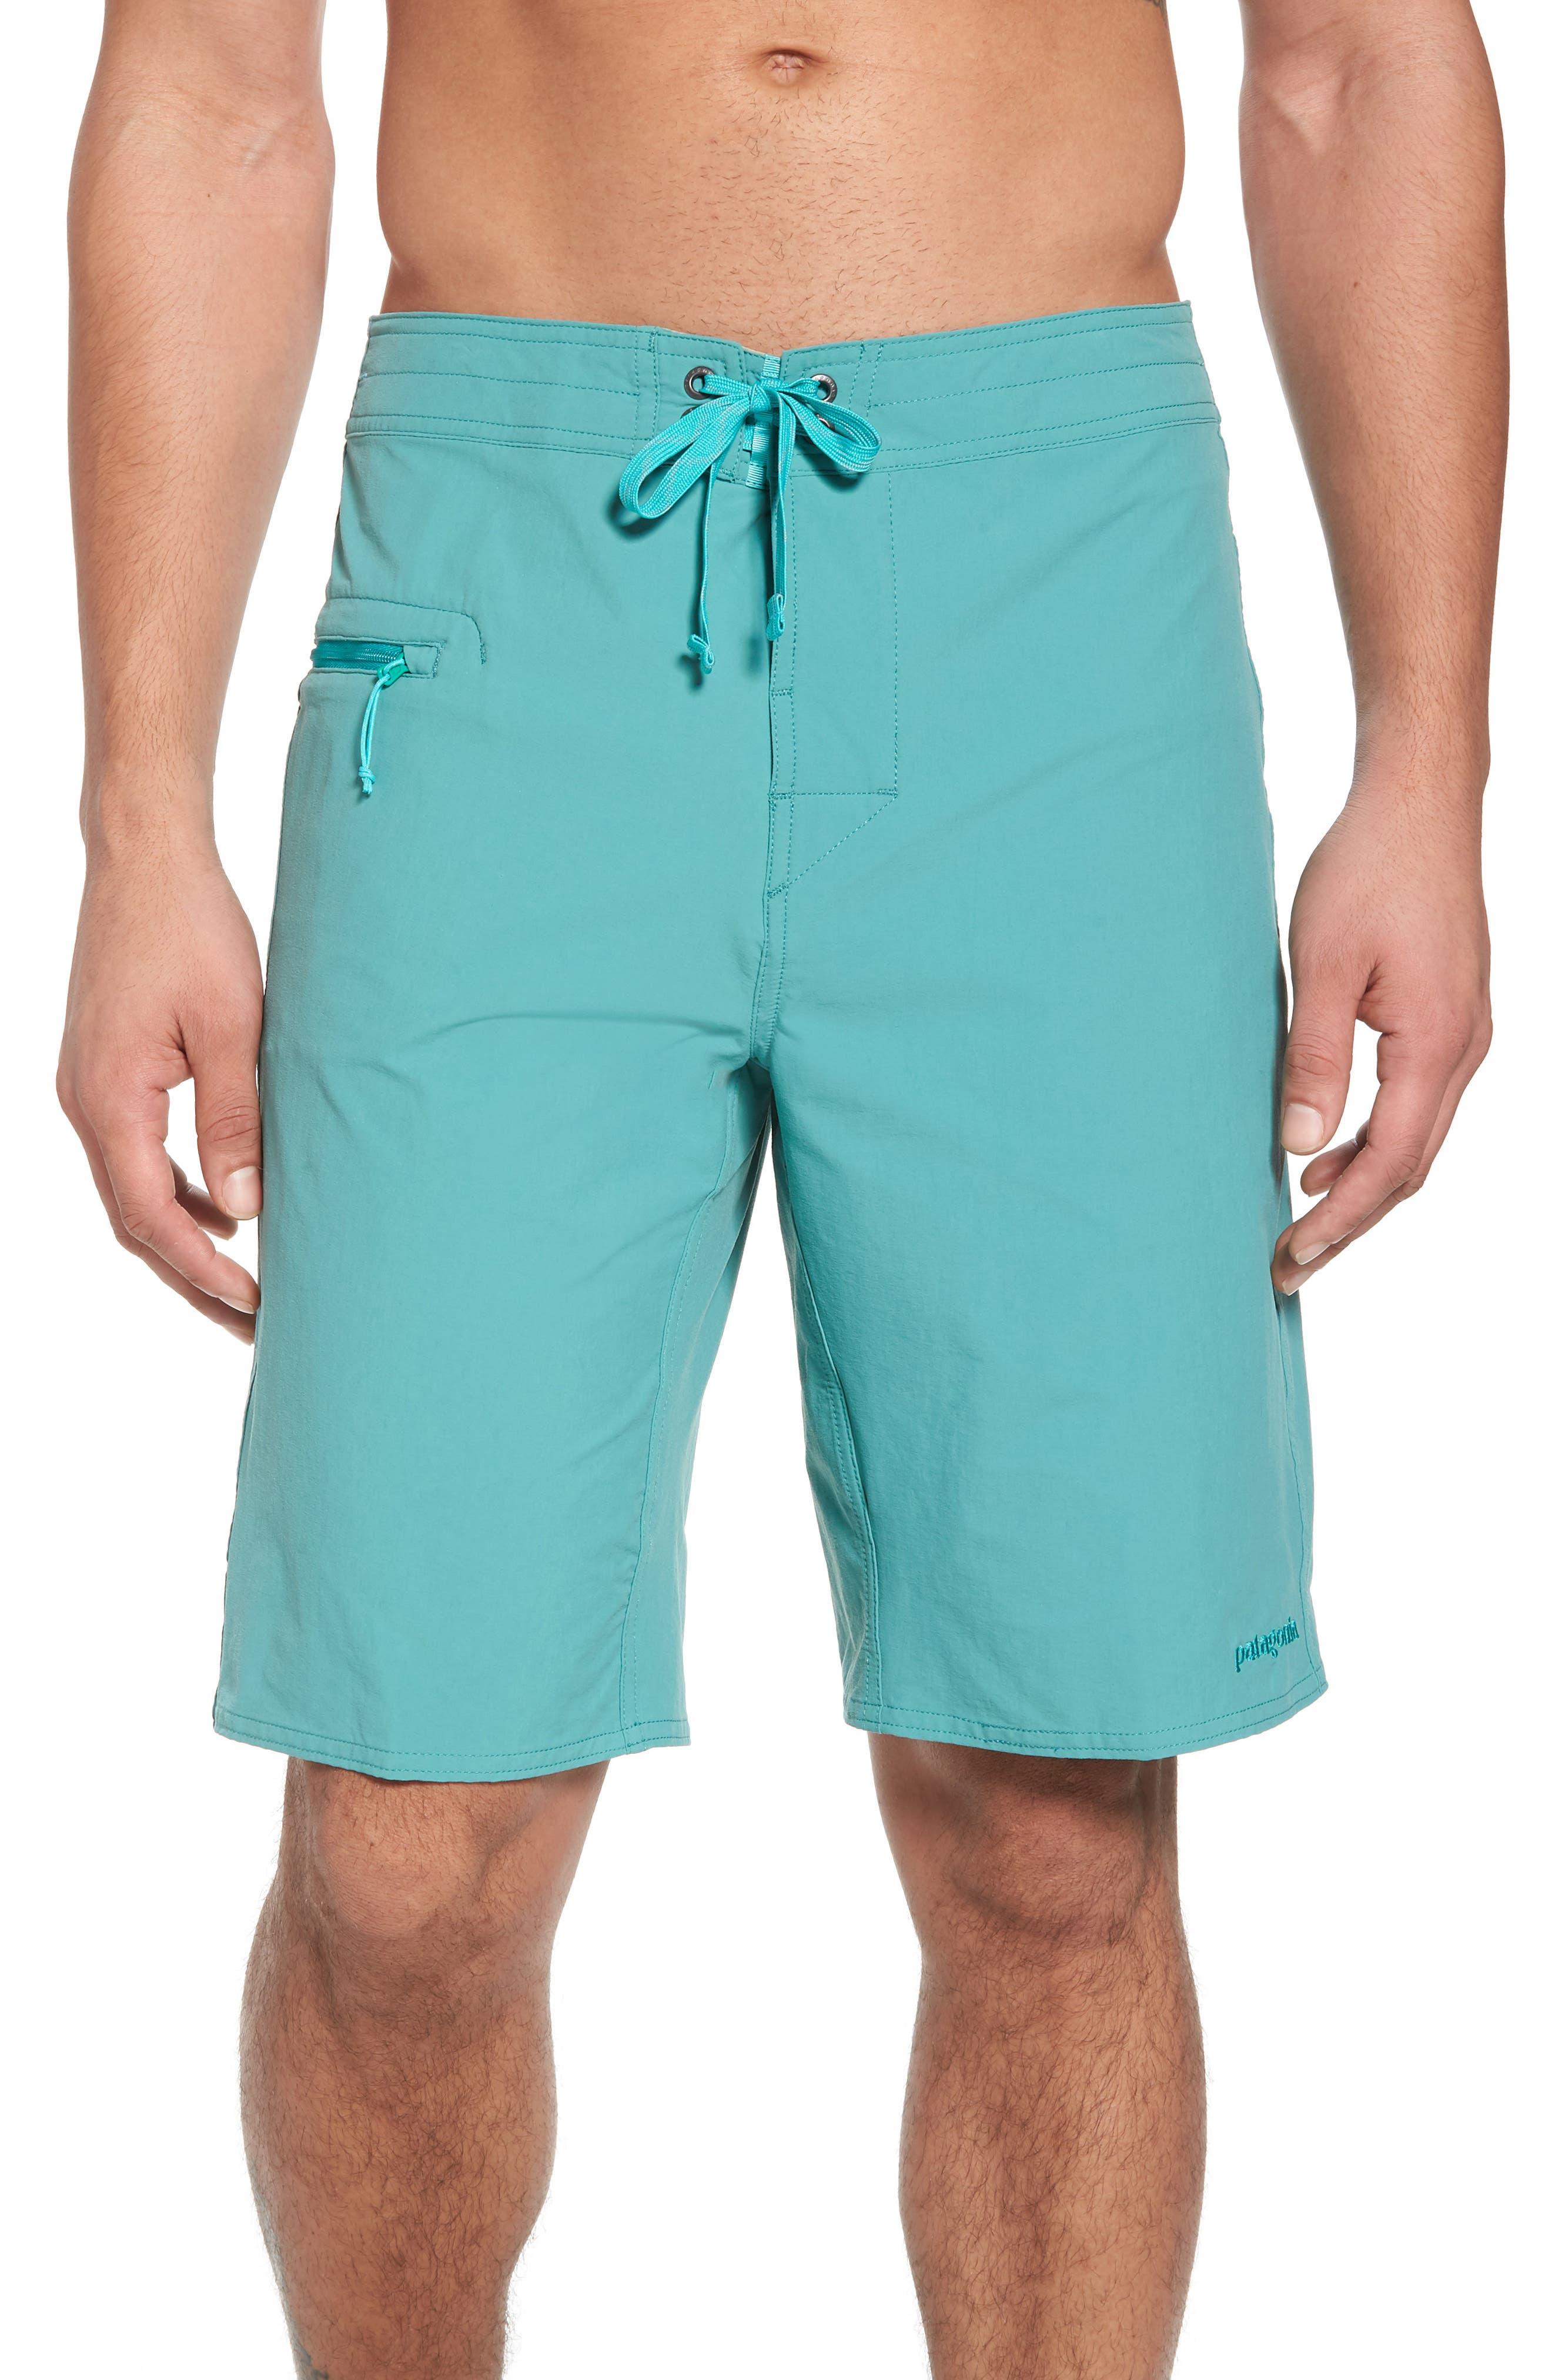 Wavefarer Board Shorts,                         Main,                         color, Beryl Green